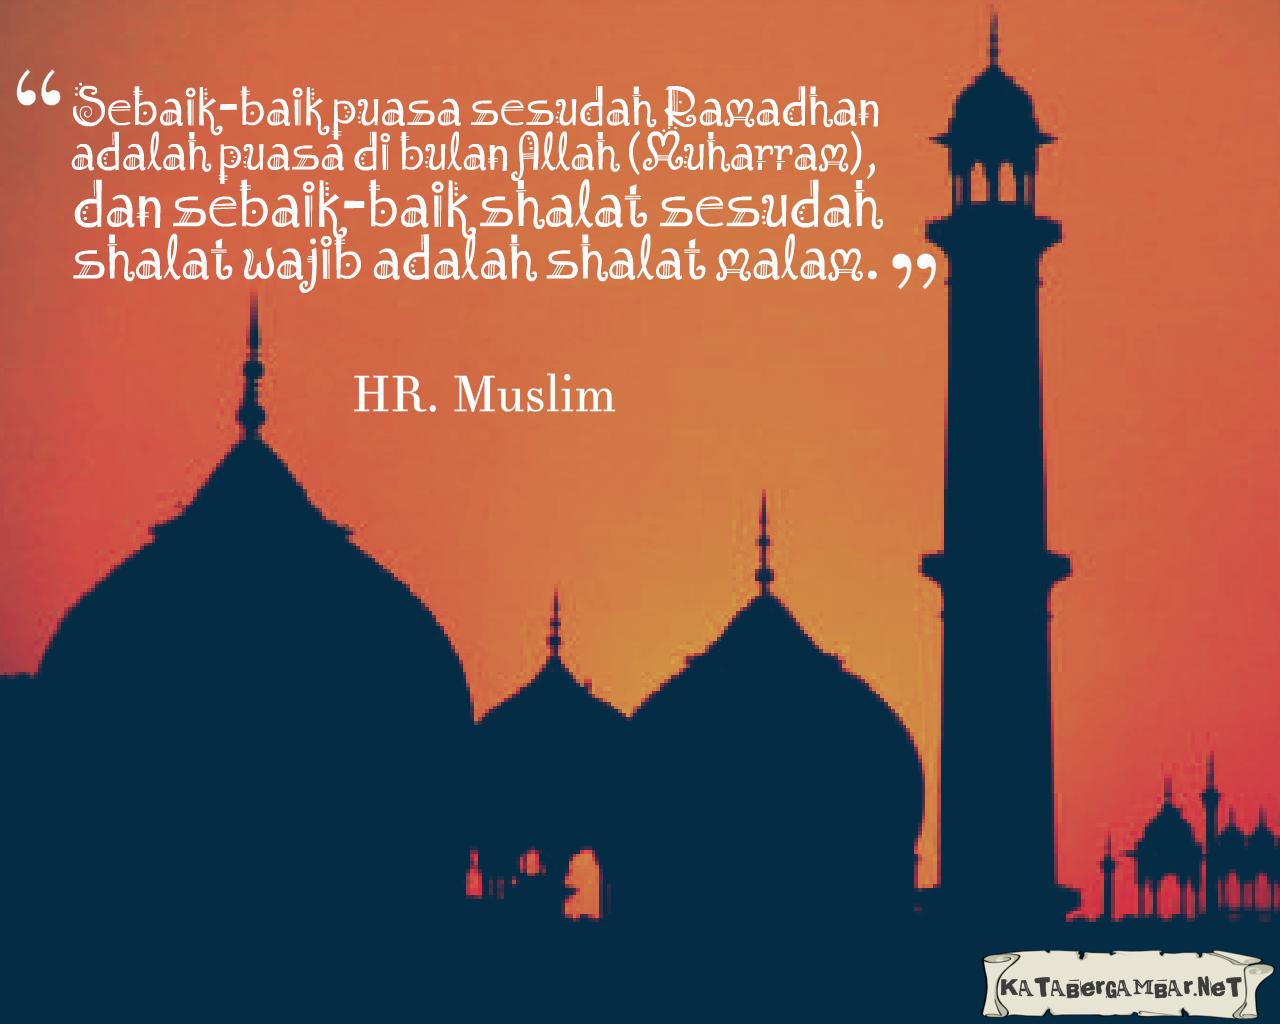 Sebaik Baik Puasa Sesudah Ramadhan Adalah Puasa Di Bulan Muharram